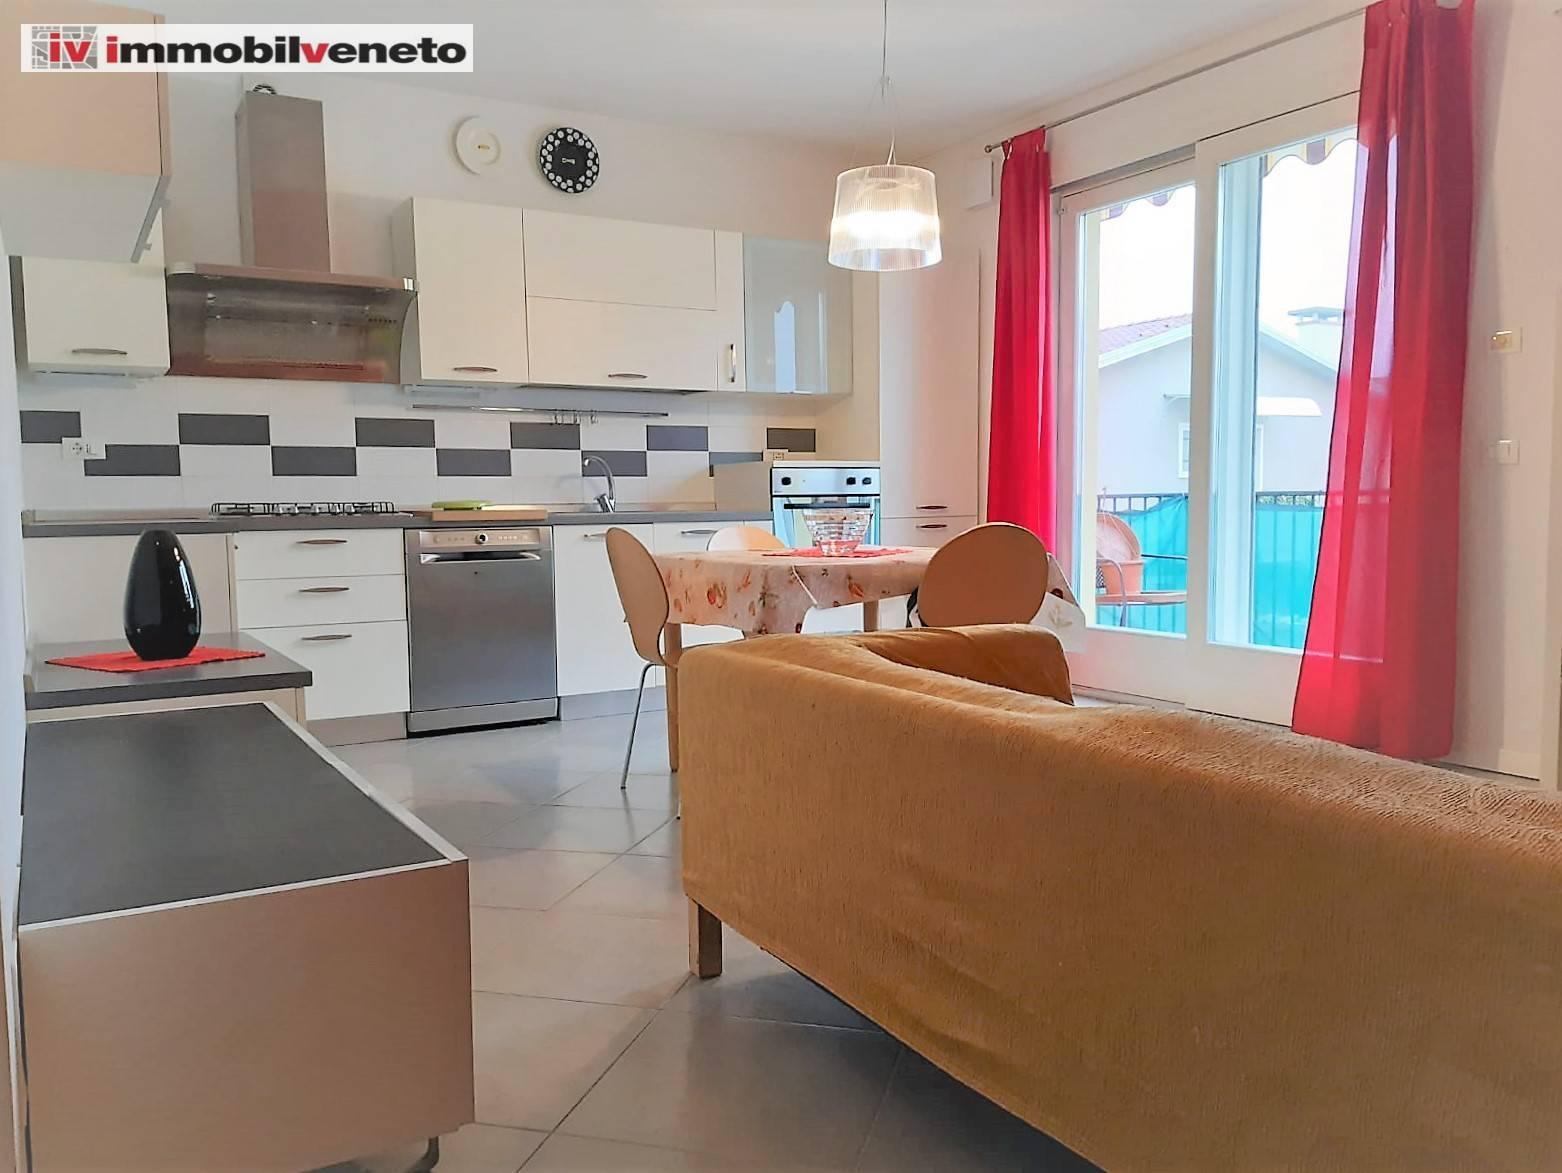 Appartamento in vendita a Lonigo, 5 locali, prezzo € 128.000   CambioCasa.it